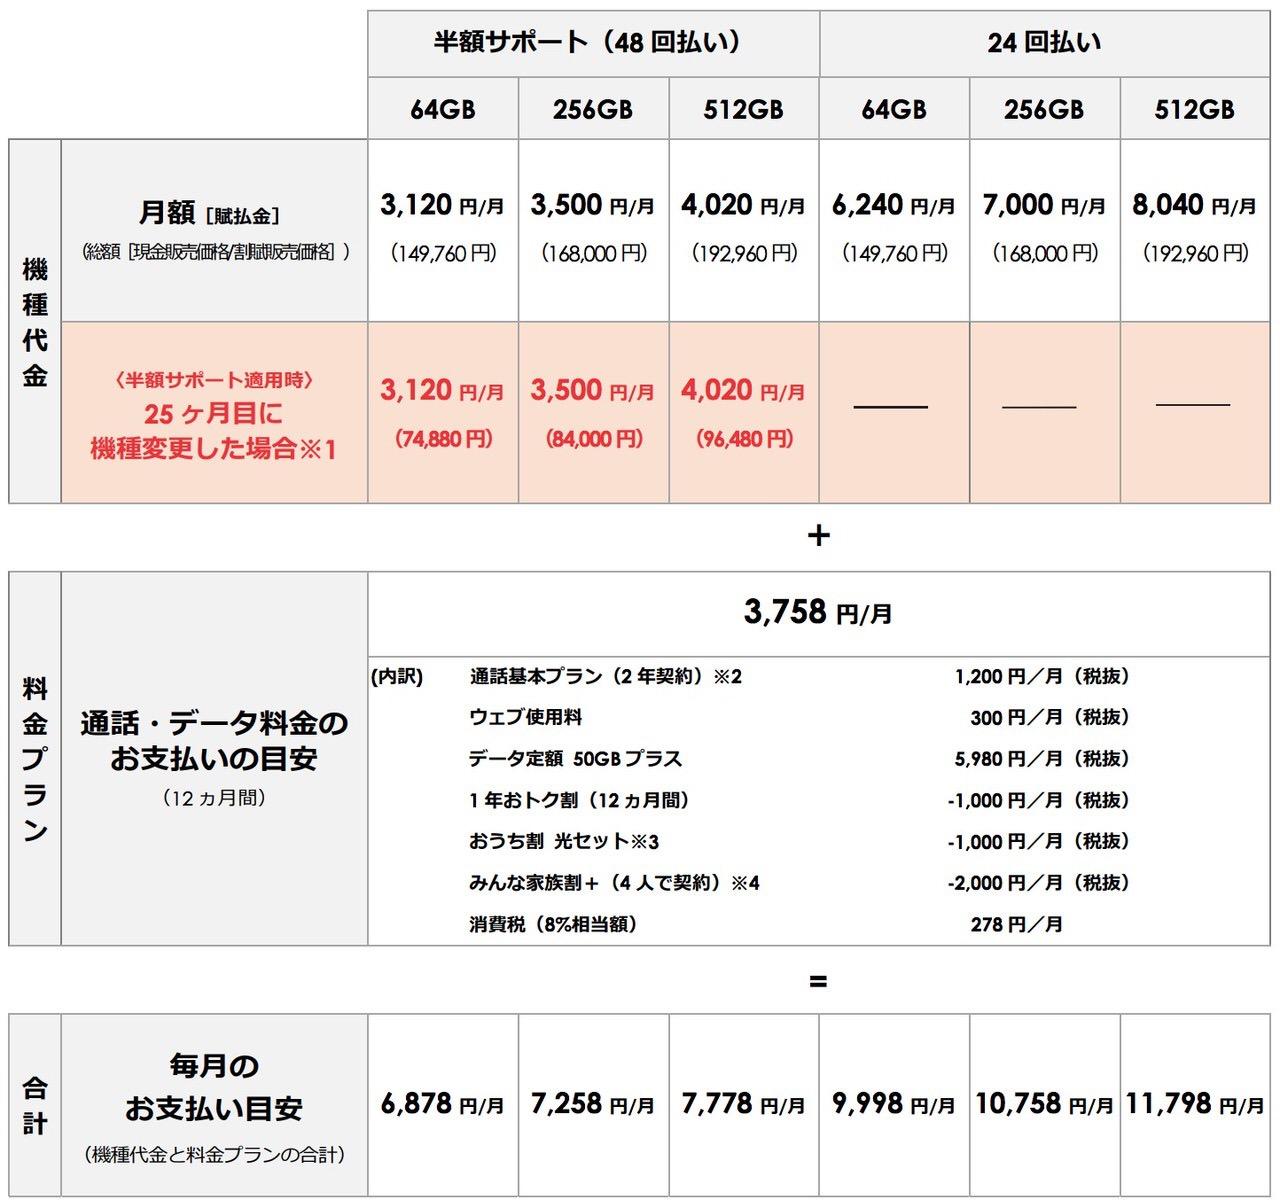 ソフトバンク「iPhone XS」「iPhone XS Max」機種代金を発表